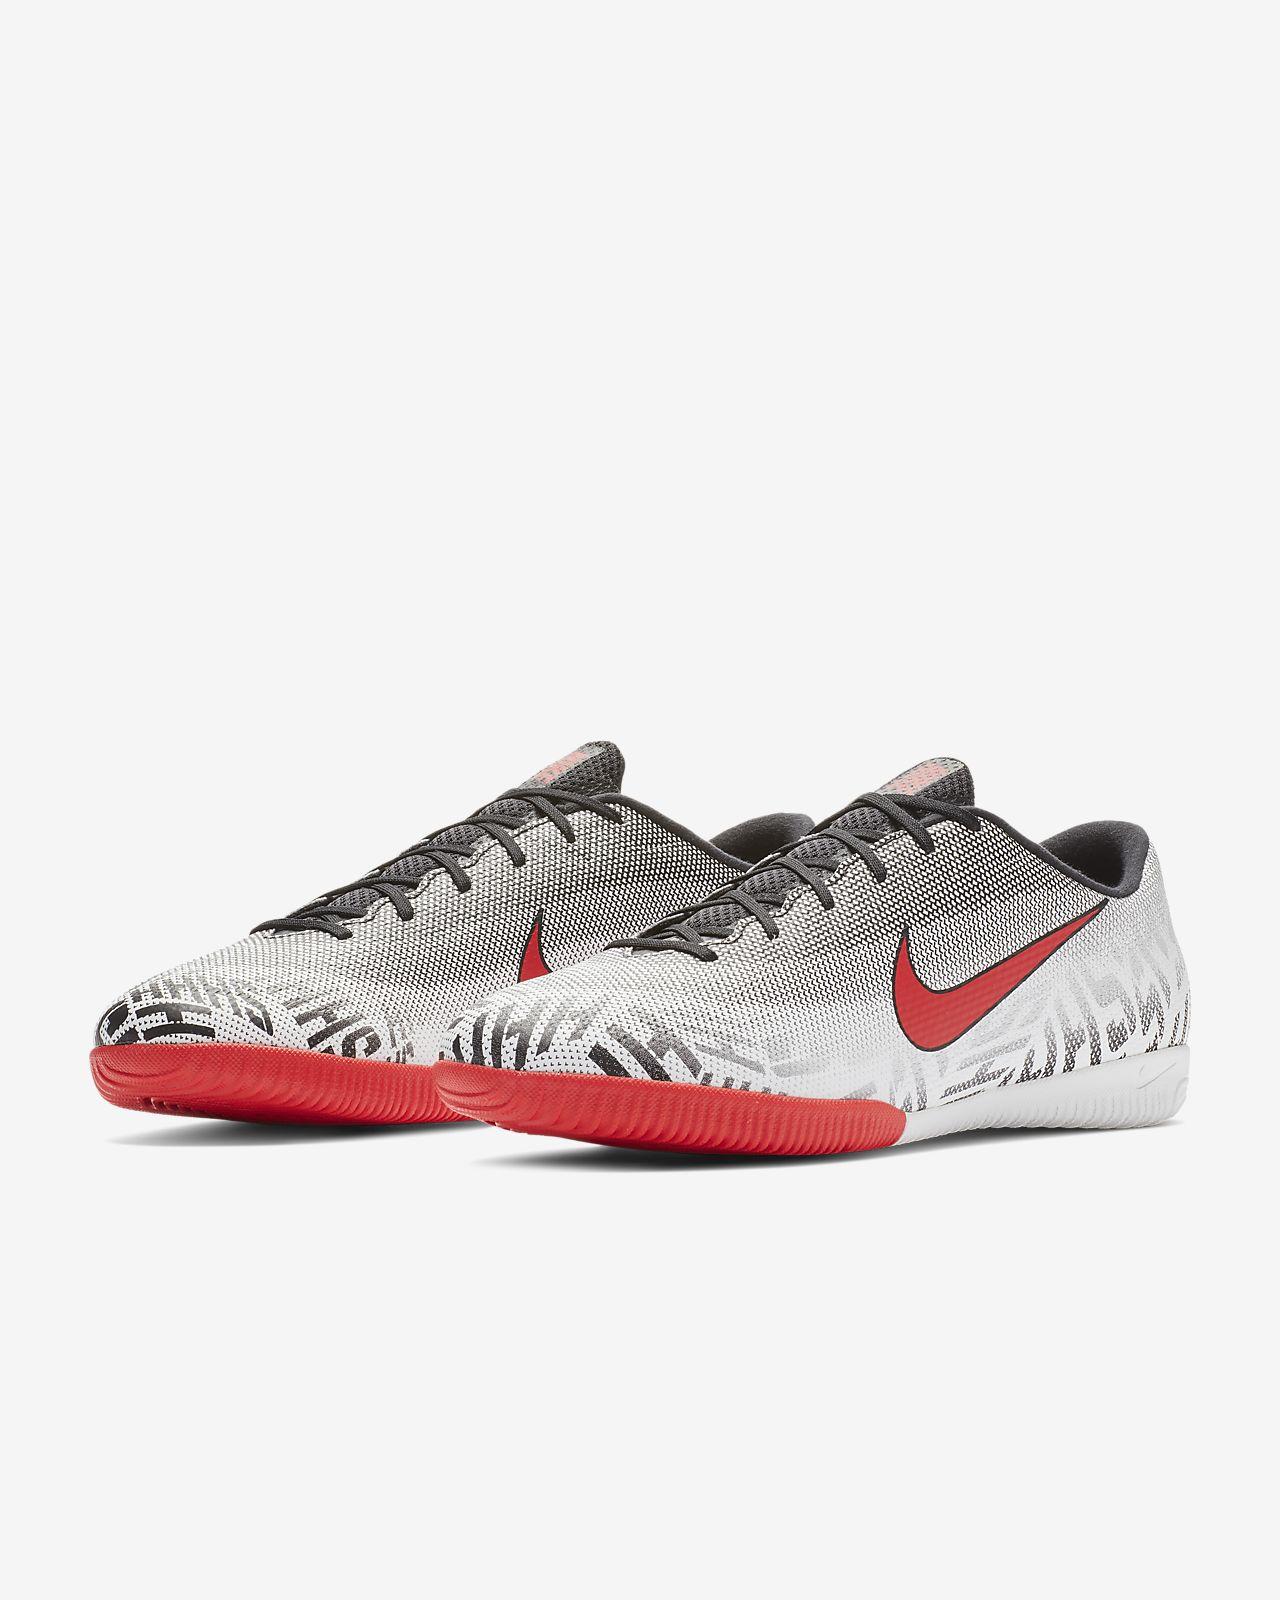 purchase cheap 7cd33 611af ... Nike Mercurial Vapor XII Academy Neymar Jr-fodboldstøvle til indendørs